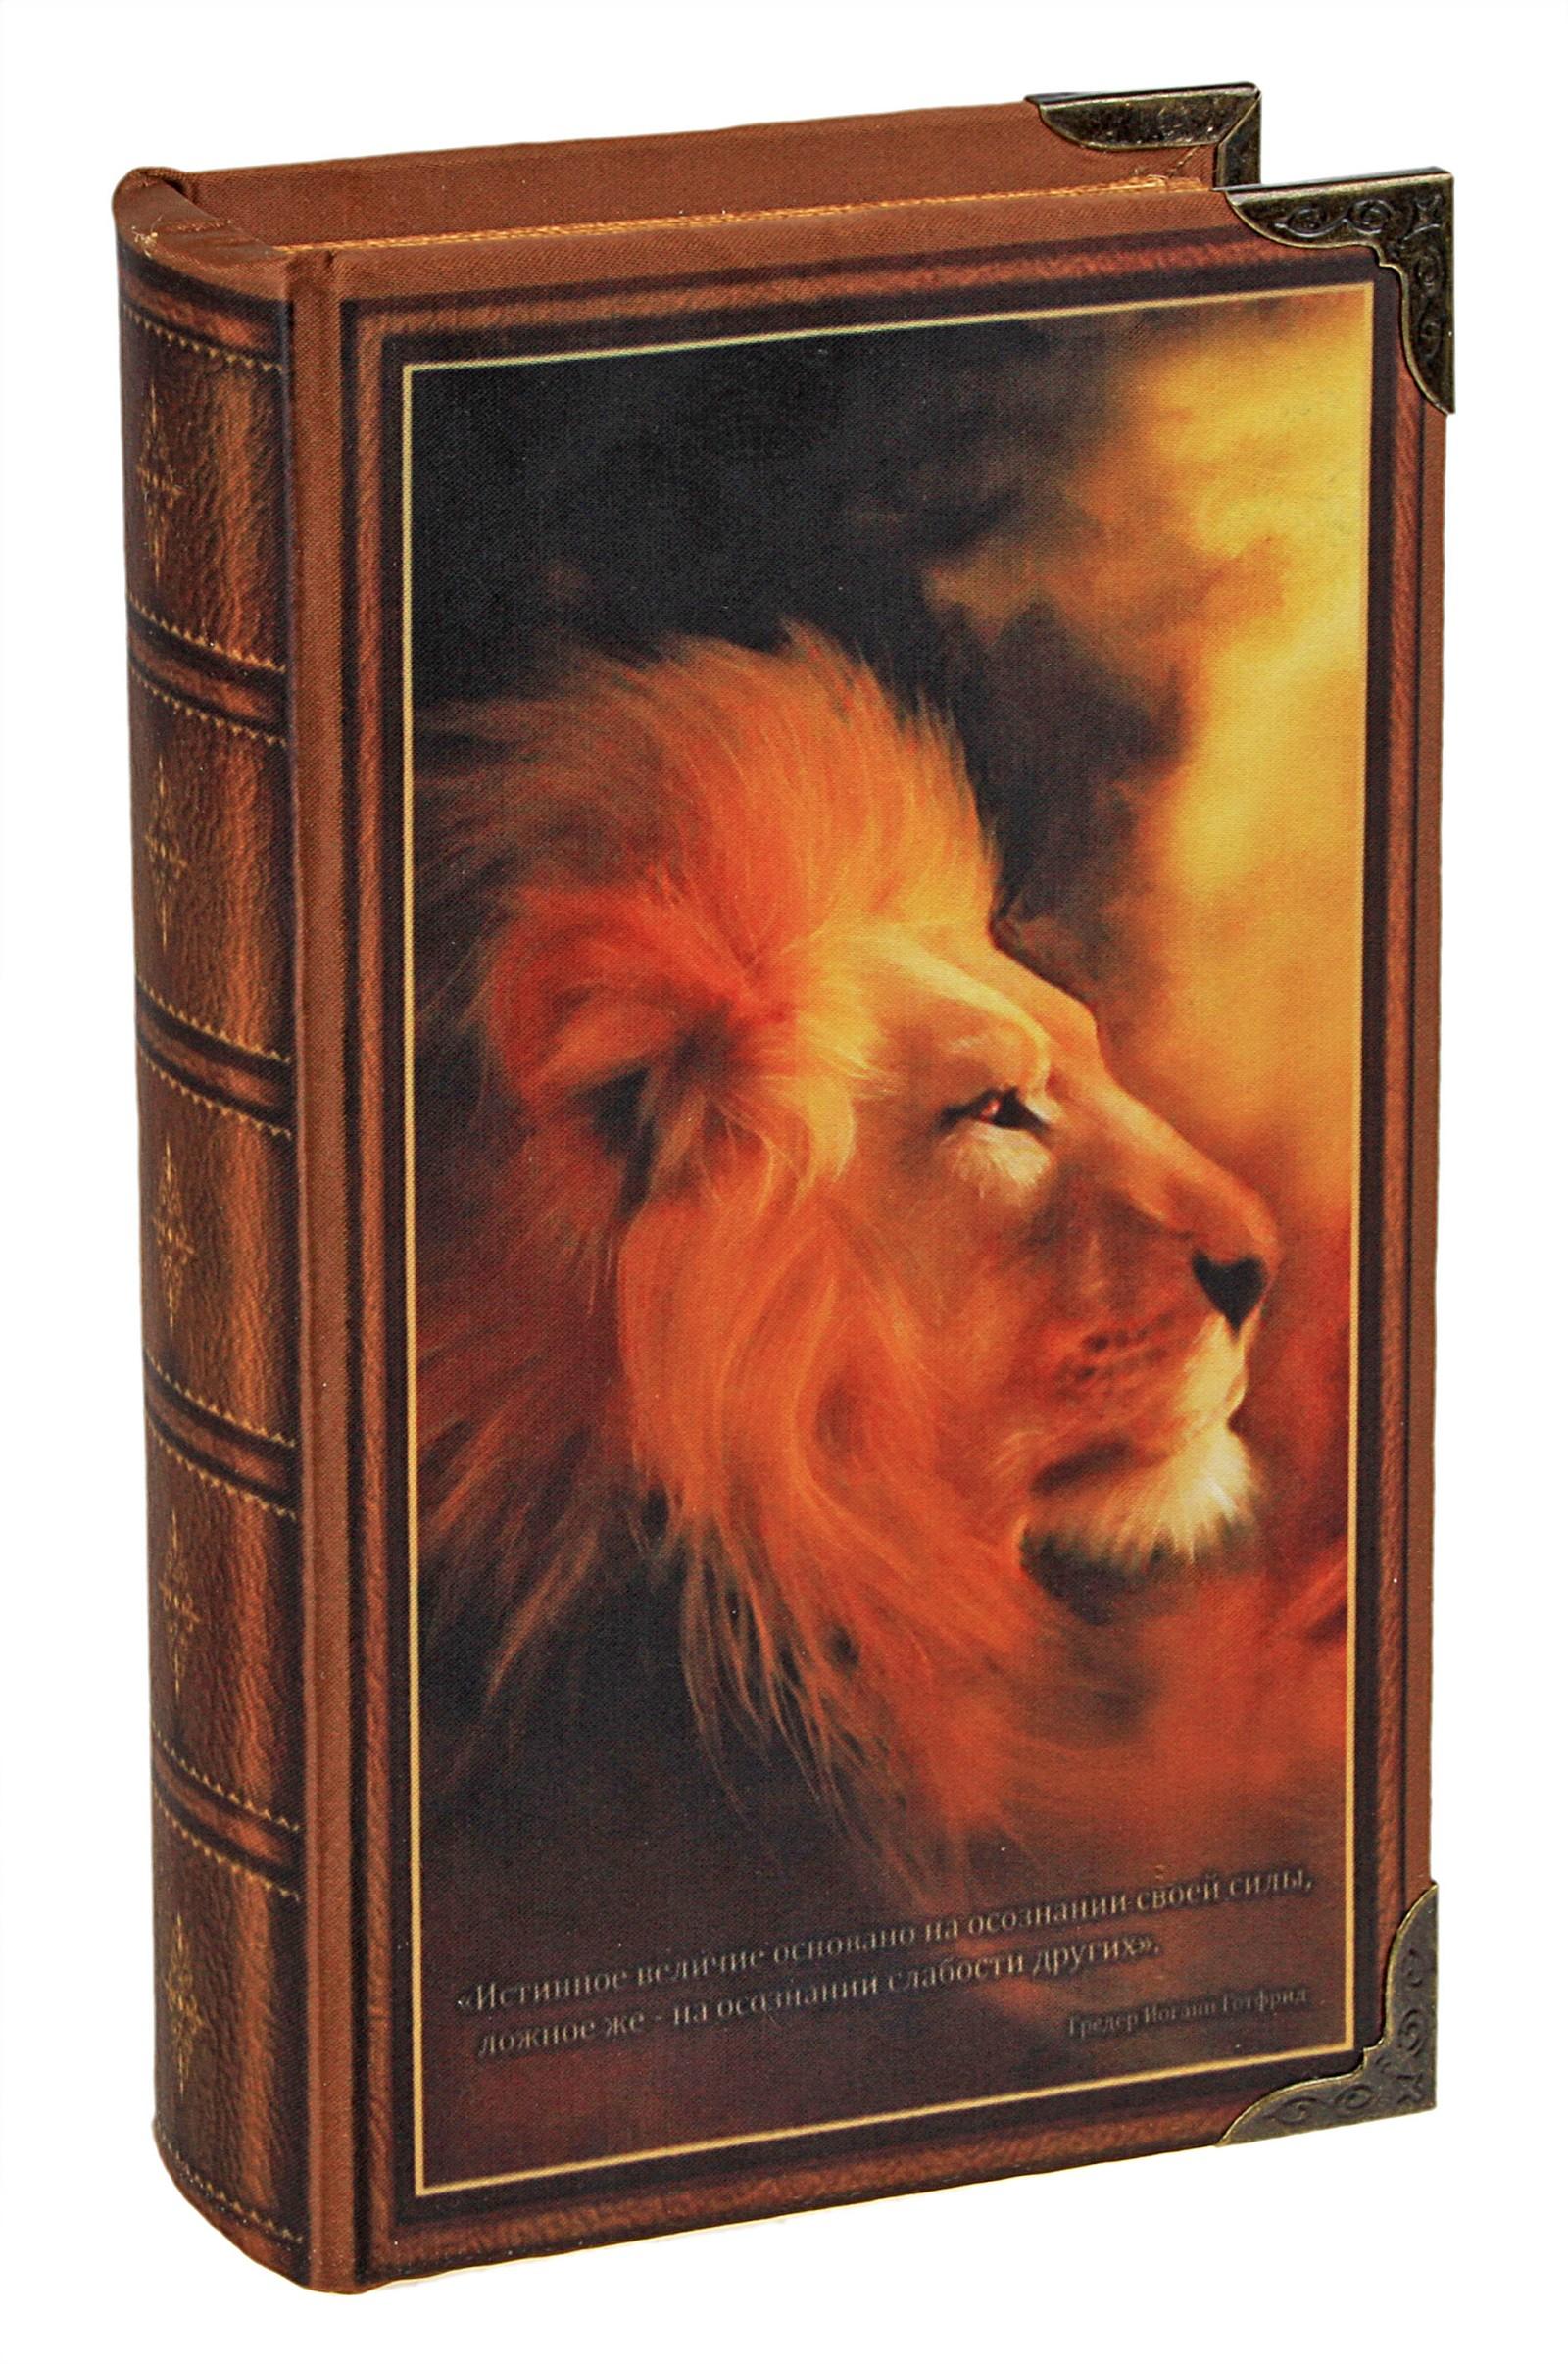 Шкатулка-книга Лев480414Оригинальное оформление шкатулки, несомненно, привлечет внимание. Шкатулка Лев изготовлена в виде книги. Поверхность шкатулки выполнена из кожзаменителя и оформлена изображением головы льва. Такая шкатулка может использоваться для хранения бижутерии, в качестве украшения интерьера, а также послужит хорошим подарком для человека, ценящего практичные и оригинальные вещи. Характеристики: Материал: дерево, кожзам. Цвет: коричневый. Размер шкатулки (в закрытом виде): 17 см х 11 см х 5 см. Размер упаковки: 18 см х 12 см х 6 см. Артикул: 480414.